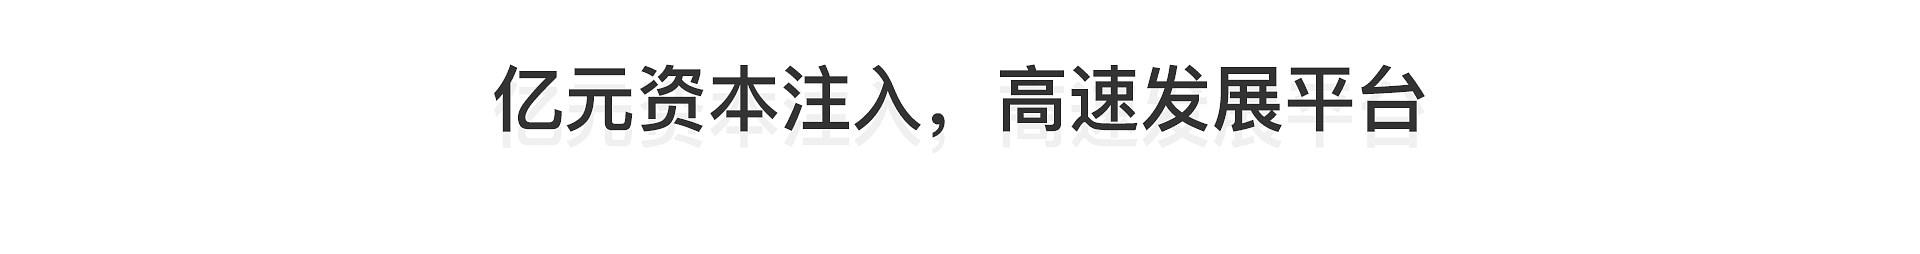 品牌招商_02.jpg